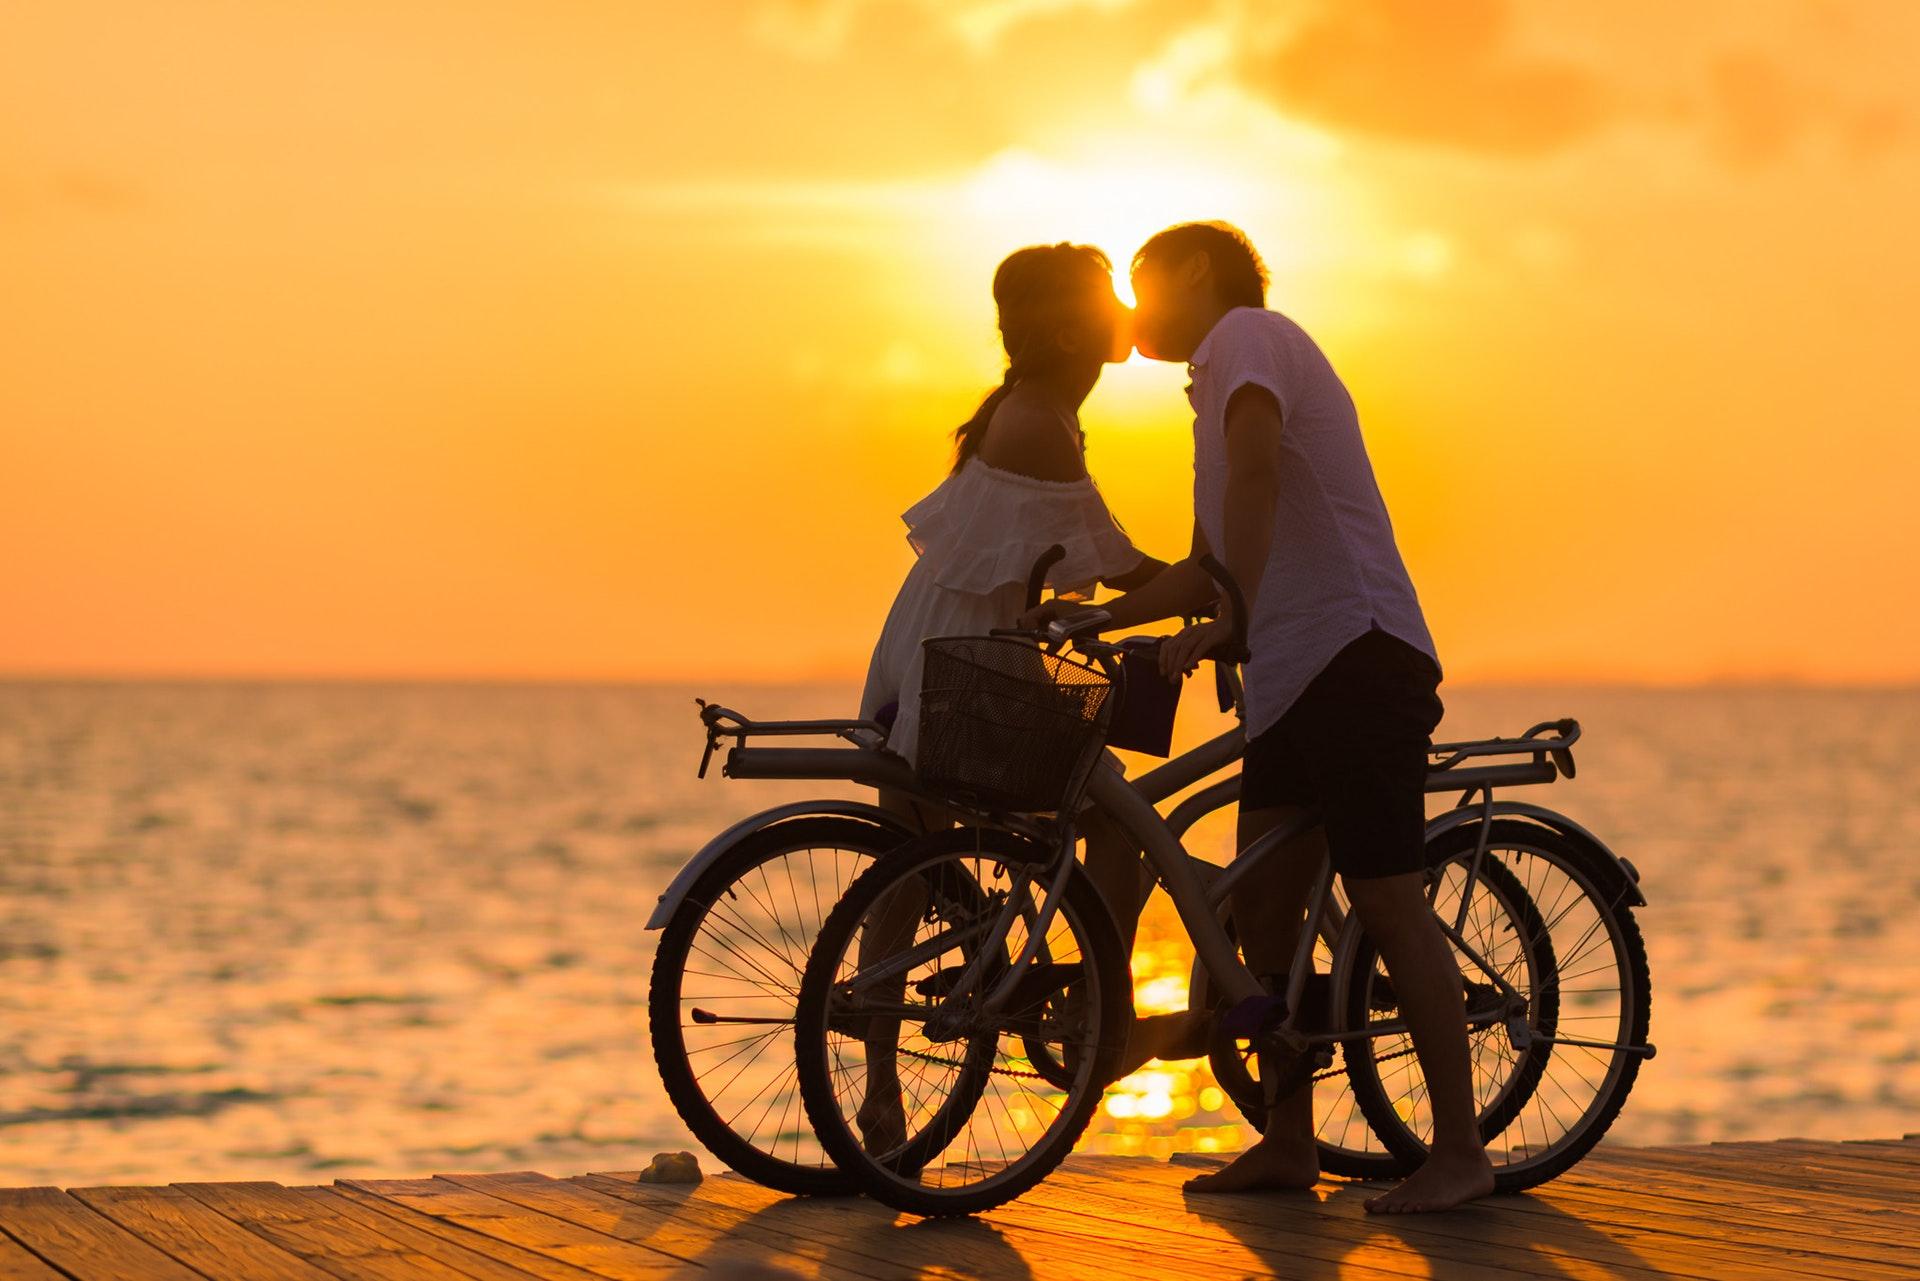 夕焼けでキスするカップル